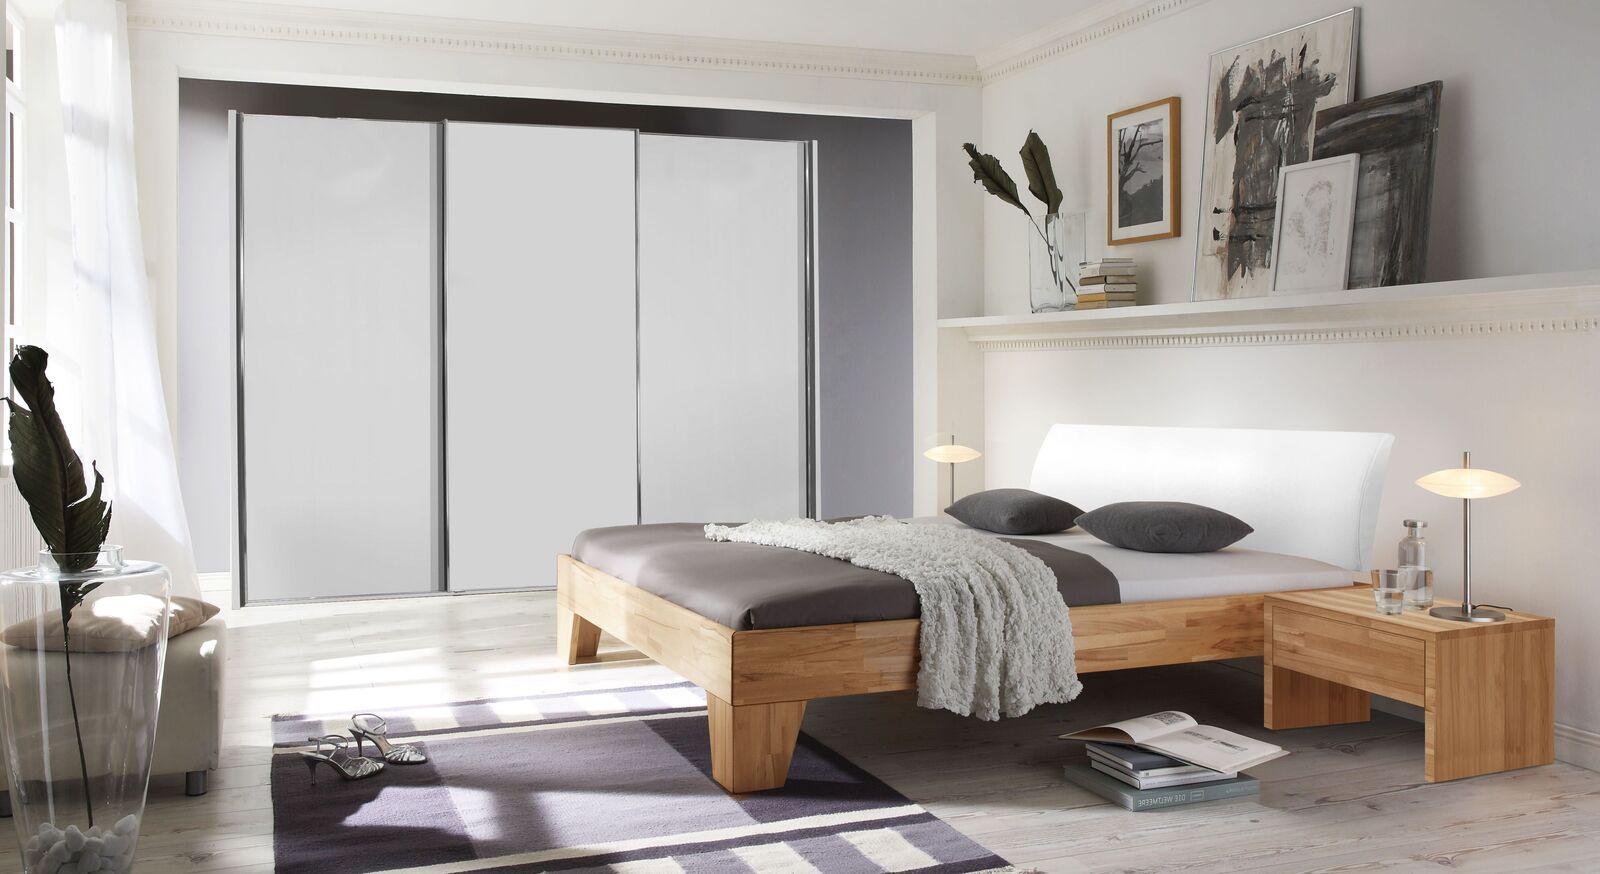 Bett Raijka mit passender Schlafzimmereinrichtung